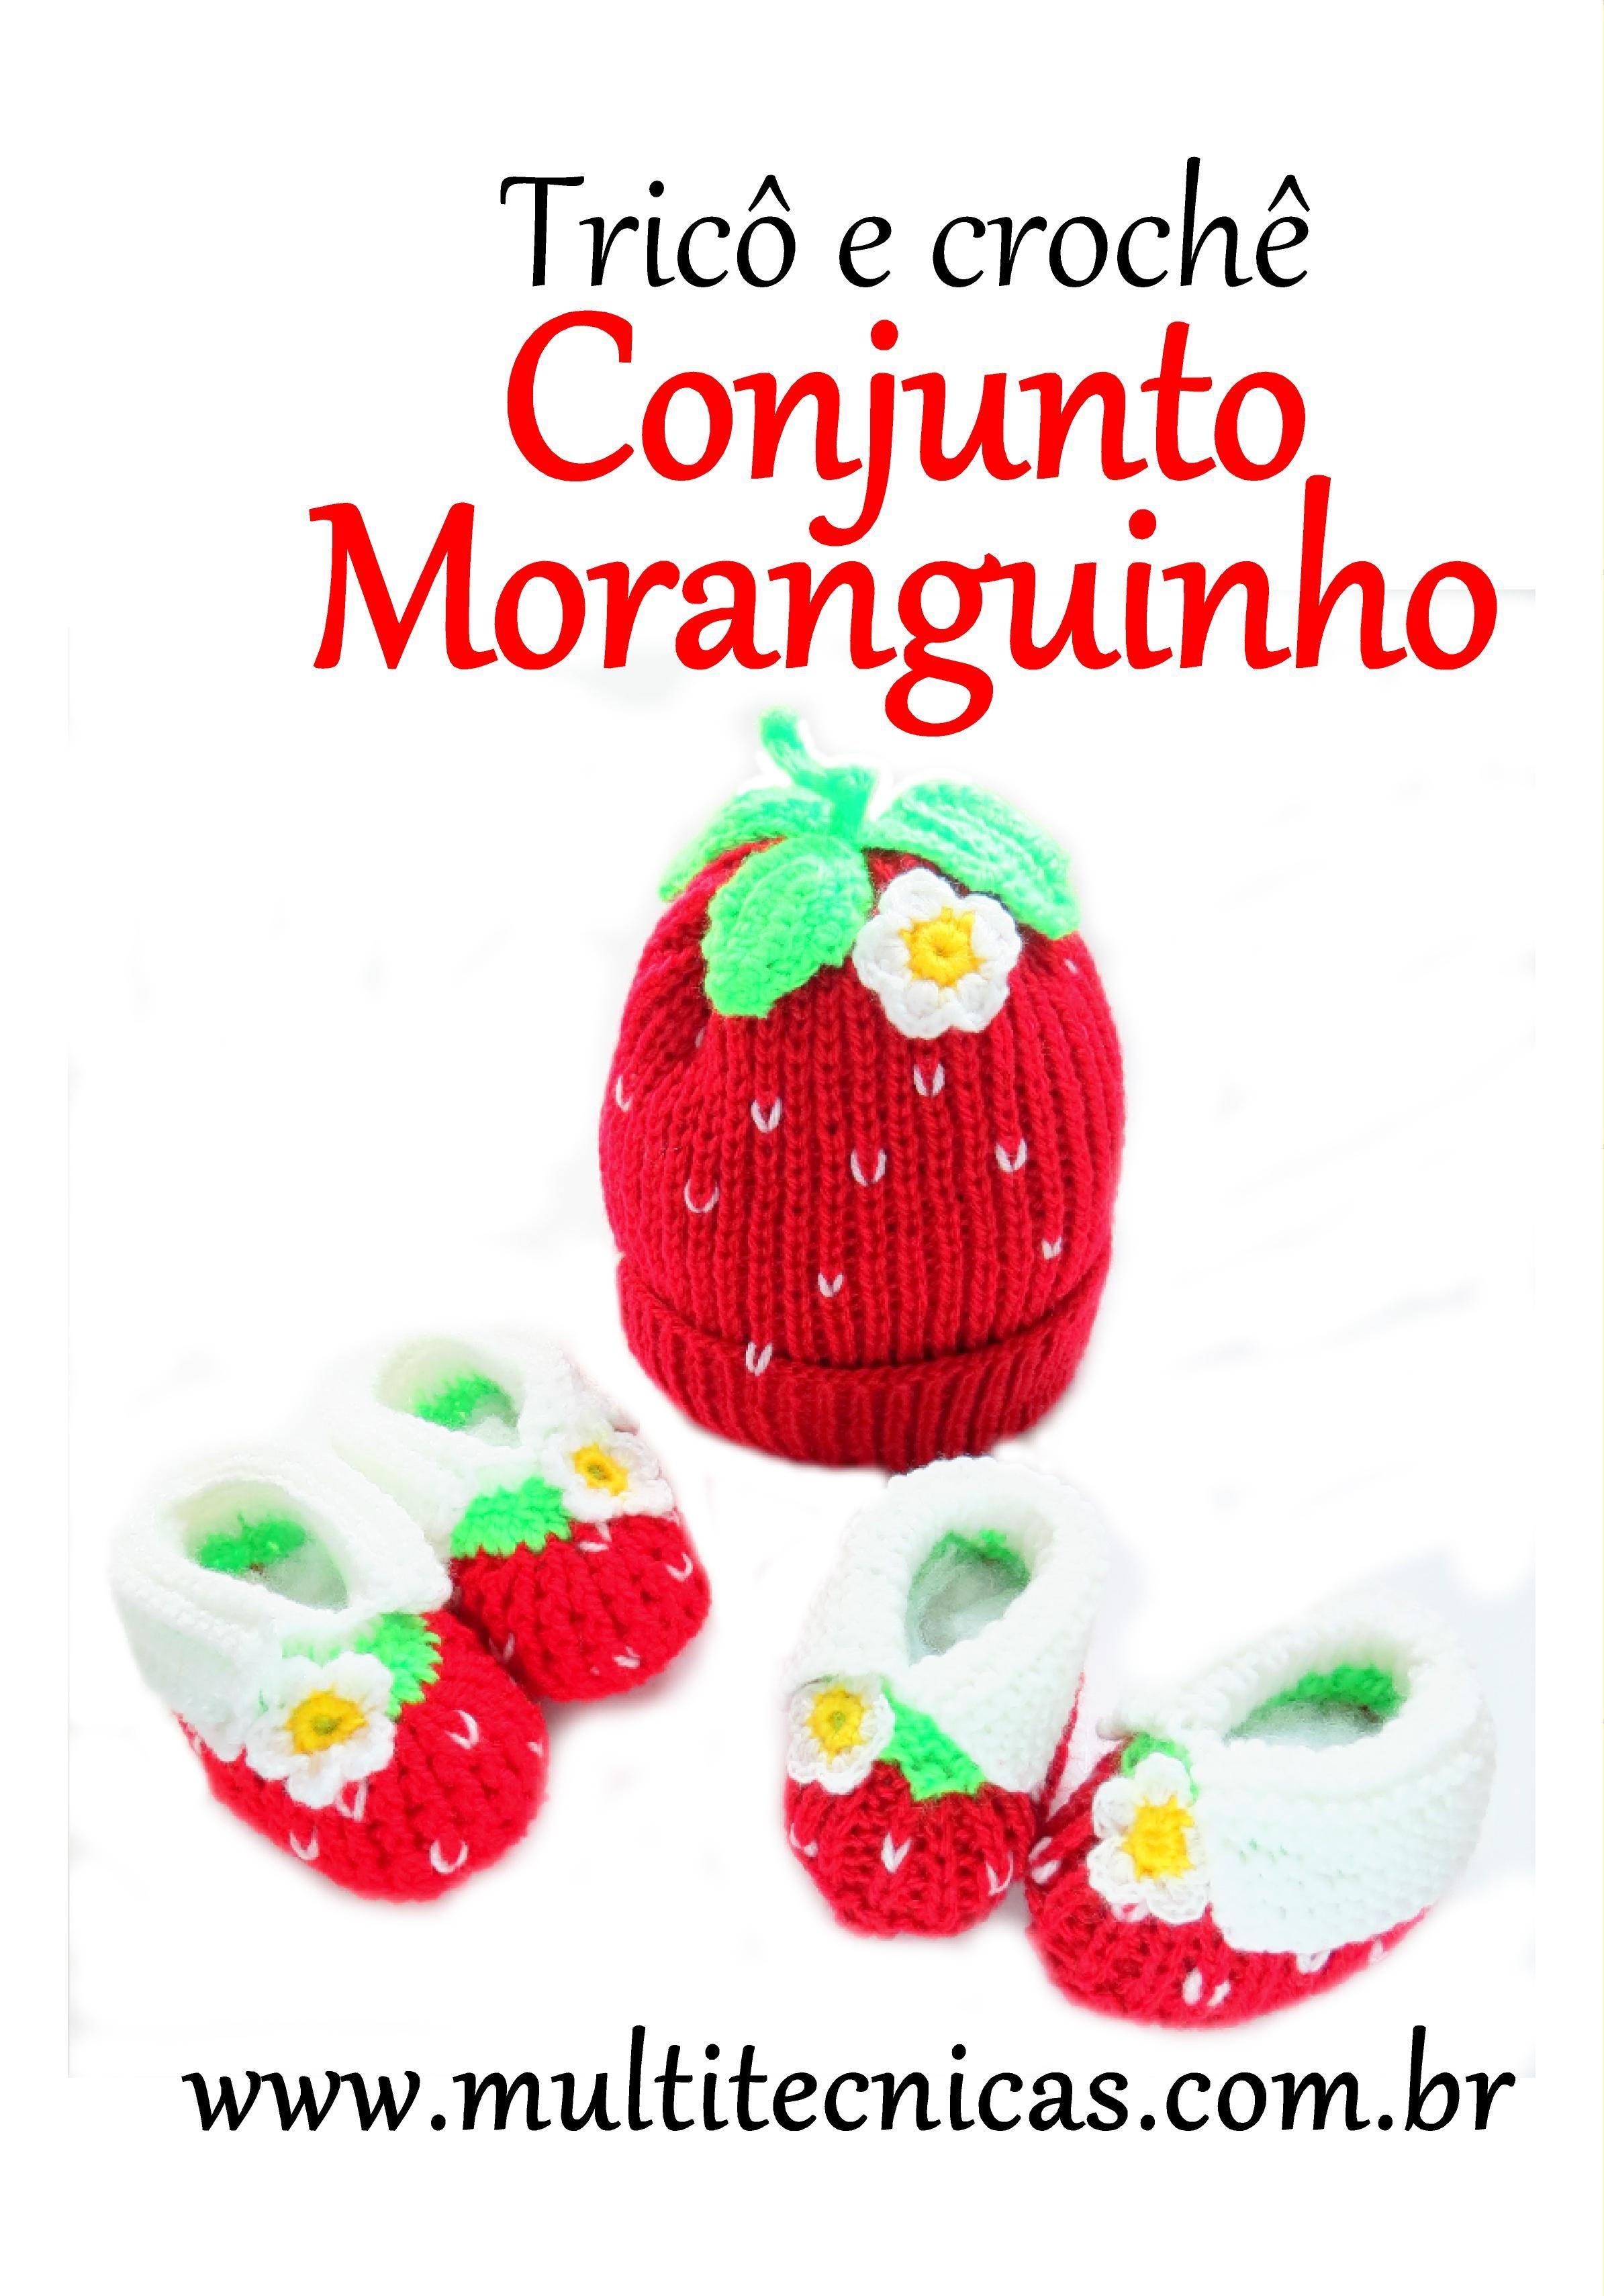 Conjunto de tricô e crochê moranguinho.  Receita gratuita no site www.multitecnicas.com.br.